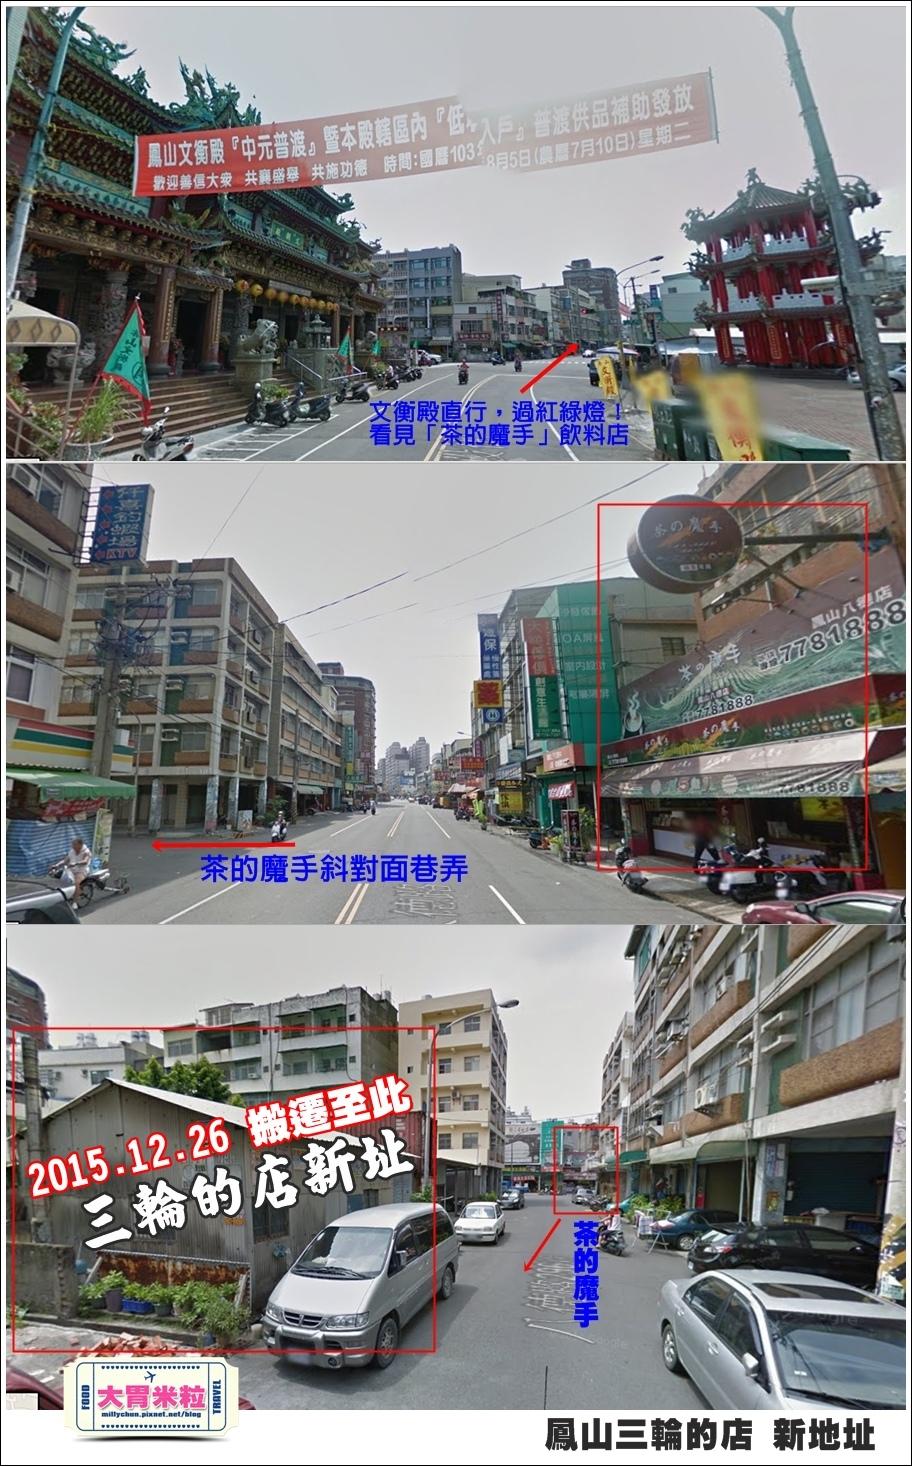 鳳山三輪的店新搬家@高雄黑輪香腸推薦@大胃米粒0061.jpg